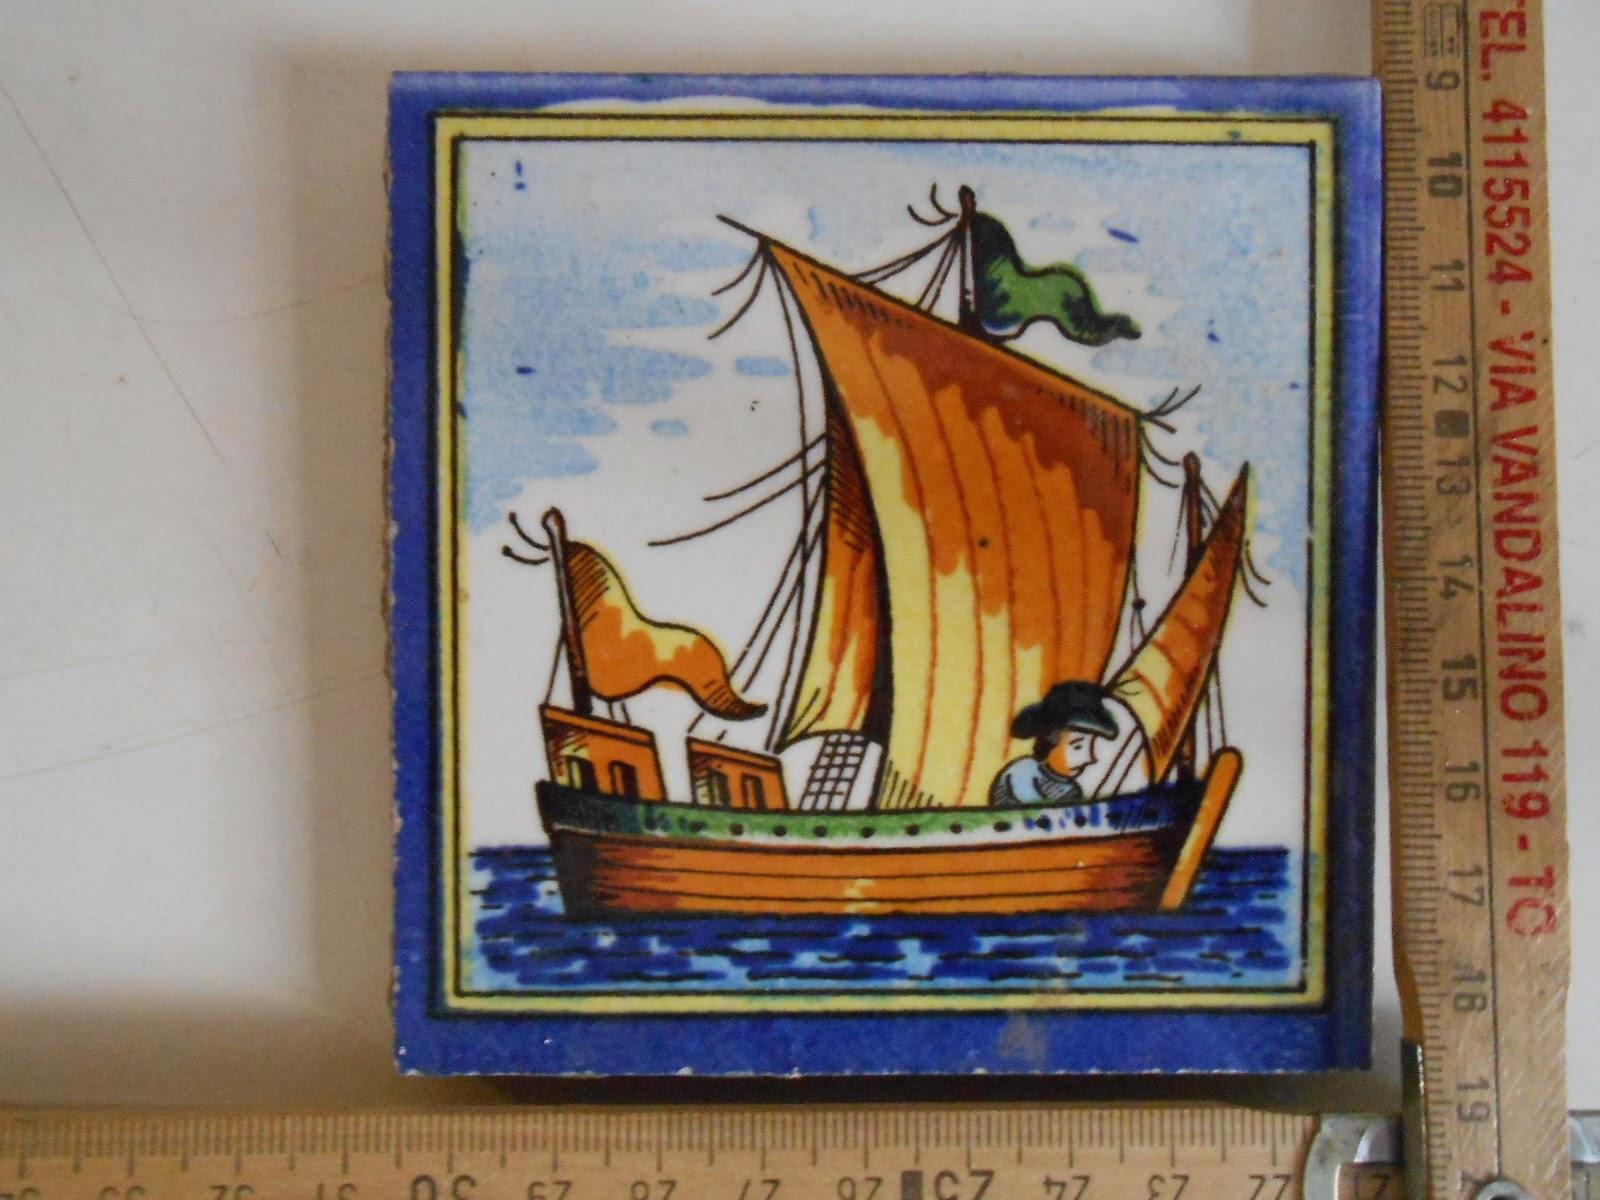 Vecchia piastrella o tassello maiolica policromo in stile fiorentino